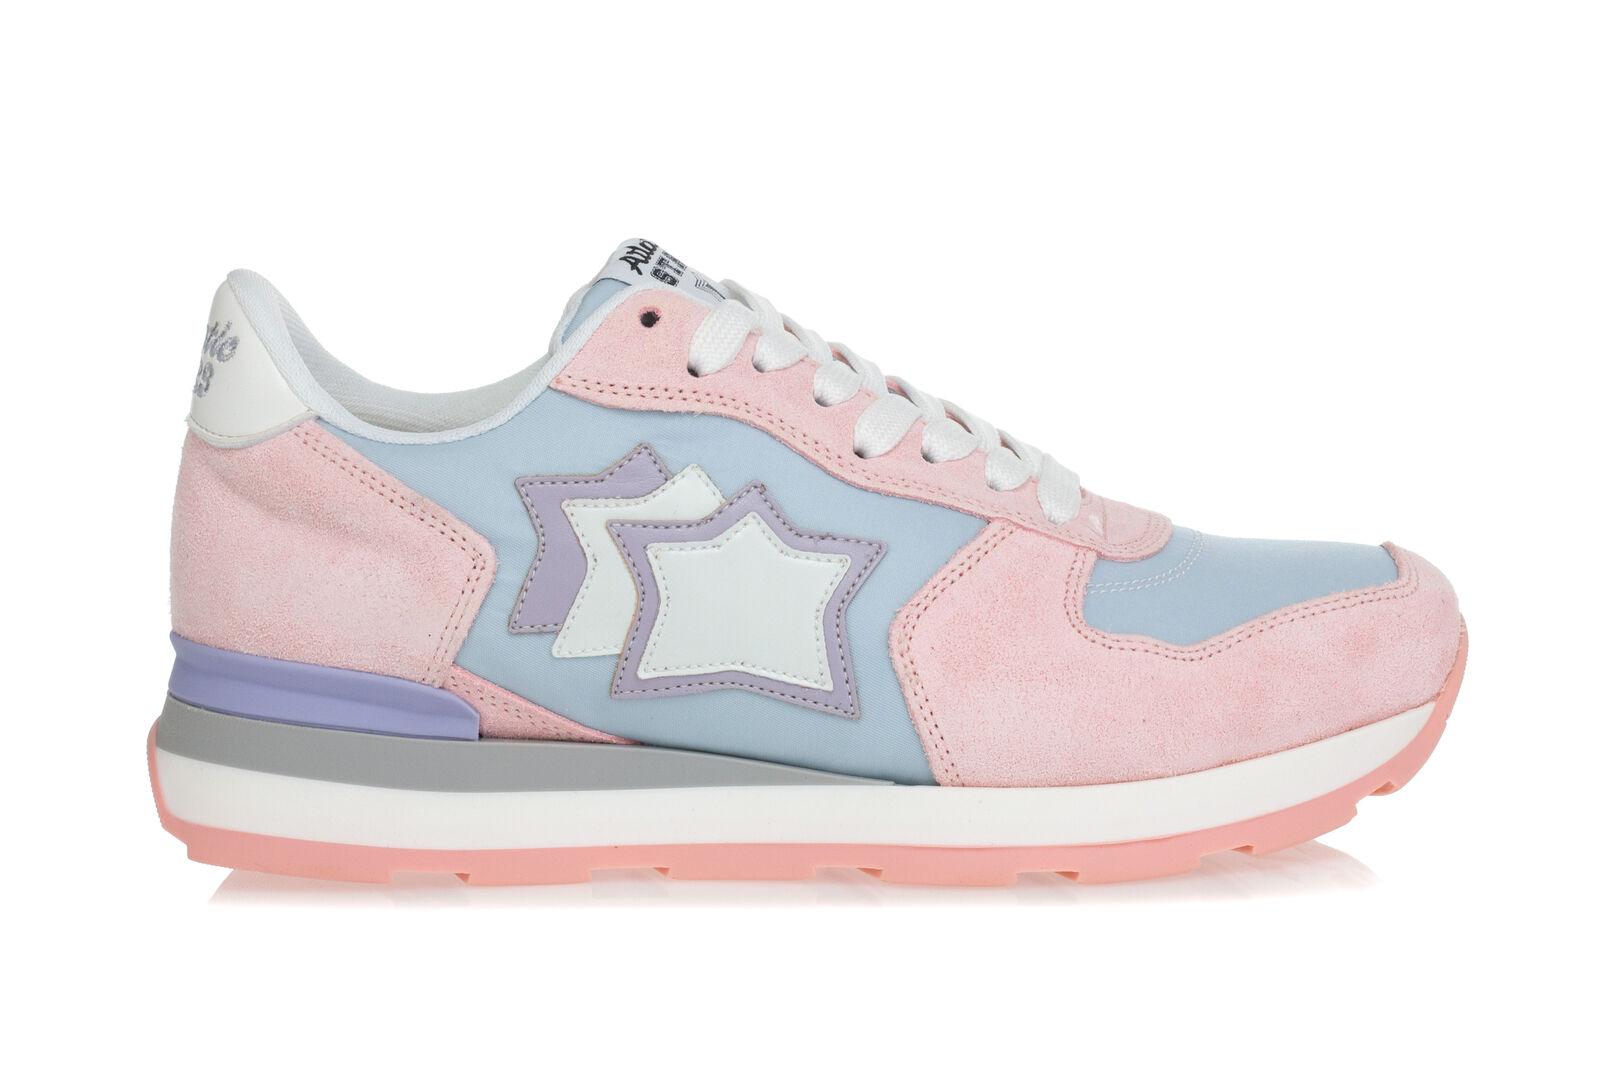 ATLANTIC STARS zapatos zapatillas mujer mujer mujer VEGA Running Tessuto Celeste Camoscio rosado  mejor calidad mejor precio